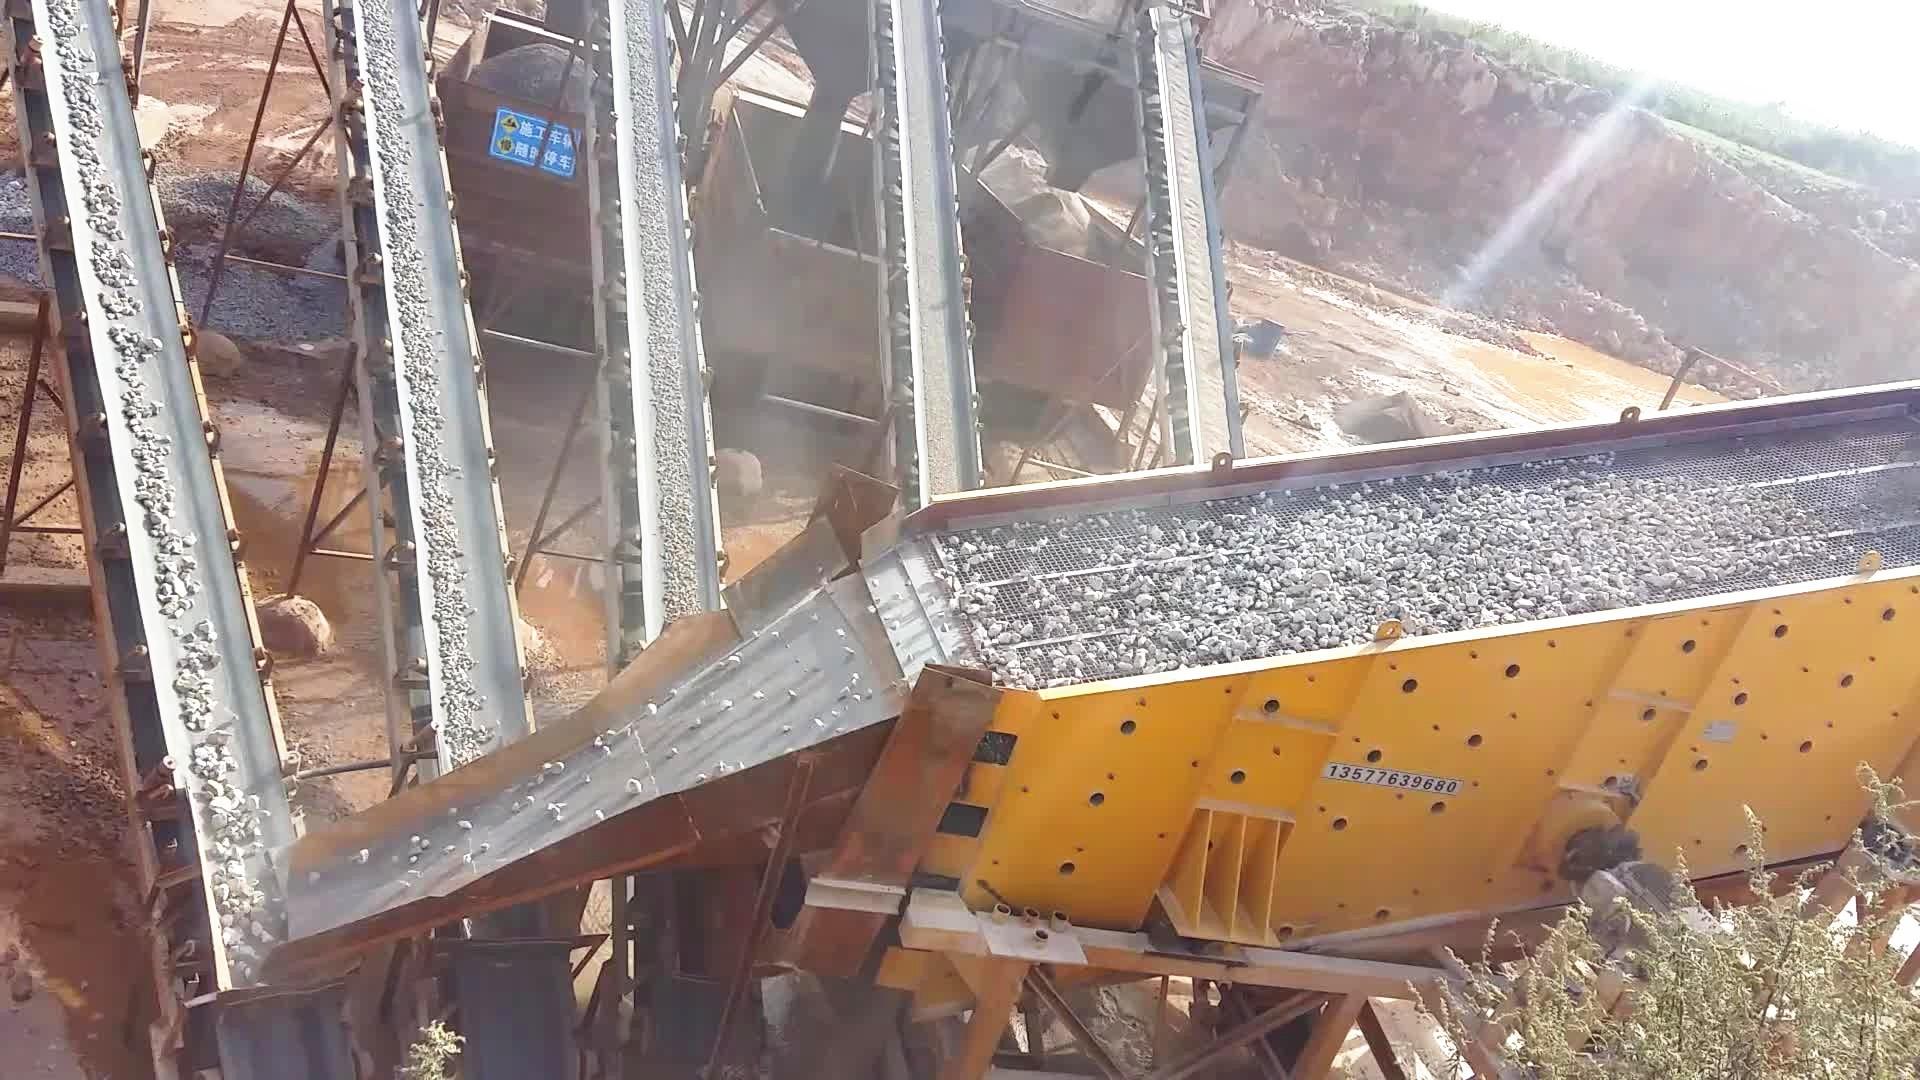 云南陆良日产3000吨manbetx官网电脑版石灰石生产线现场一